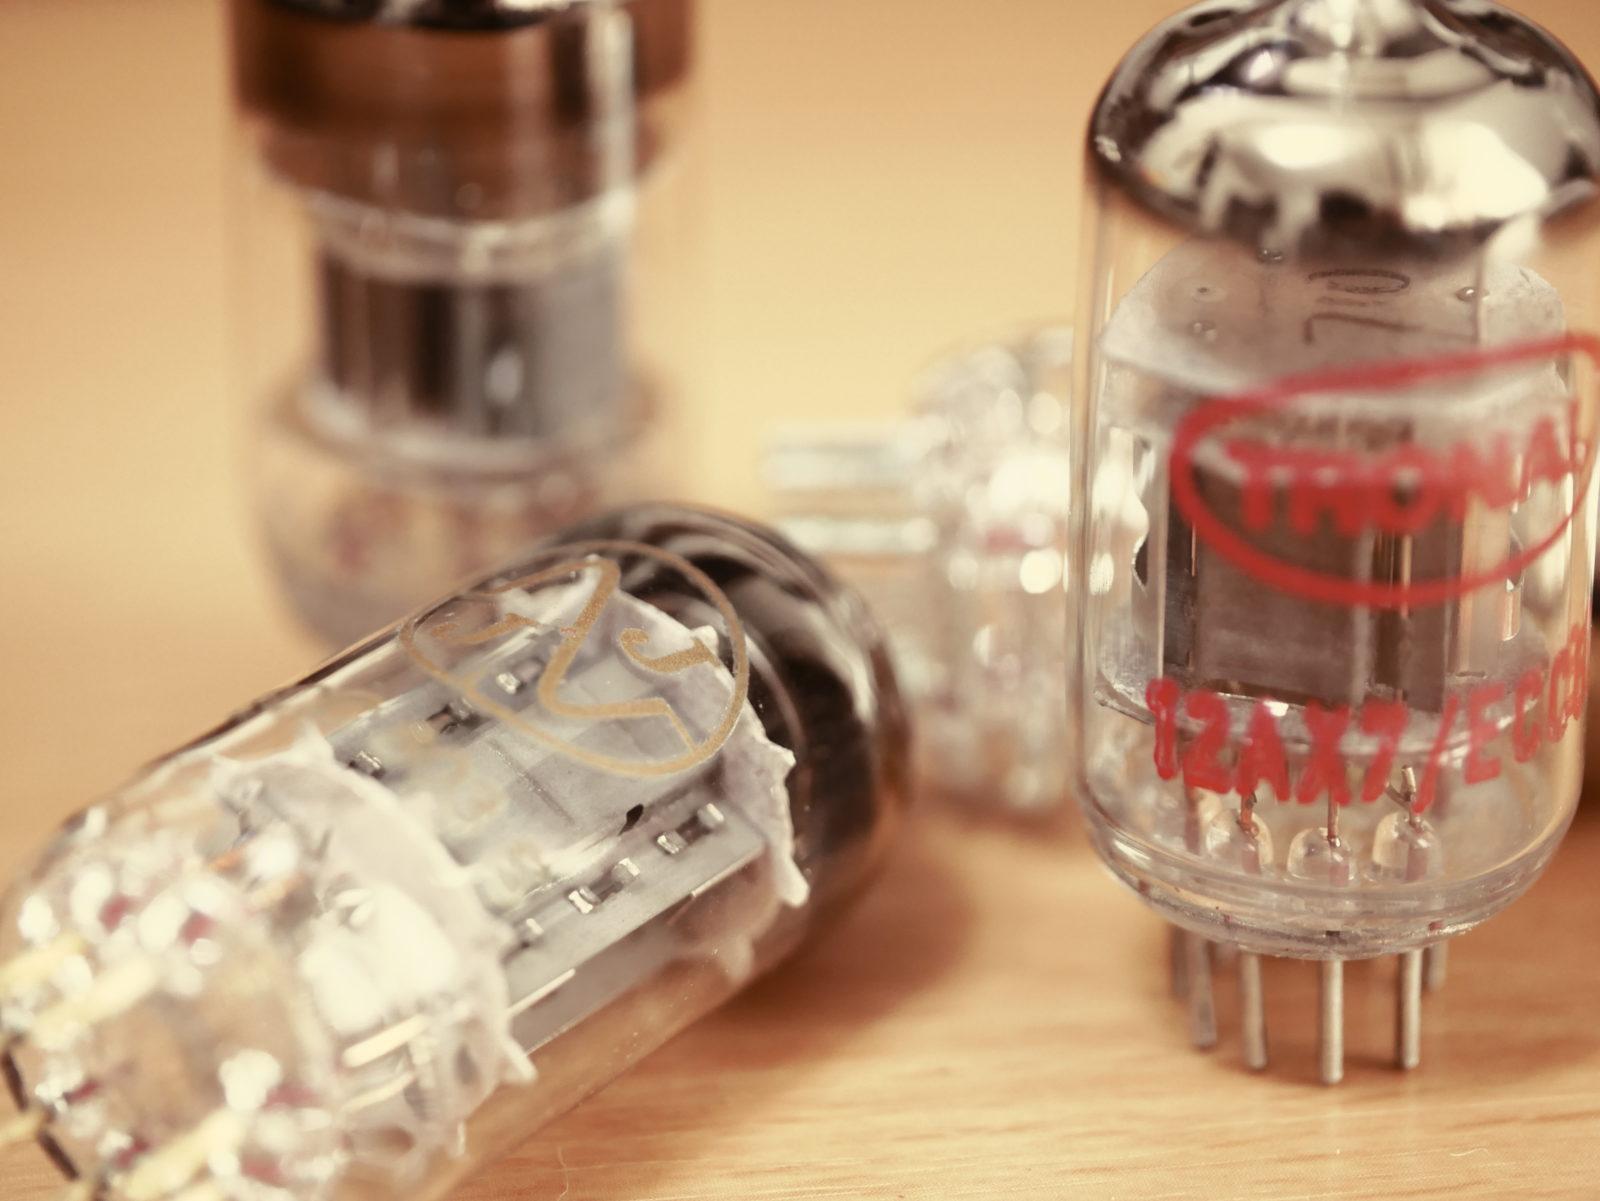 真空管搭載のミキサーを発見。 | ART TubeMix